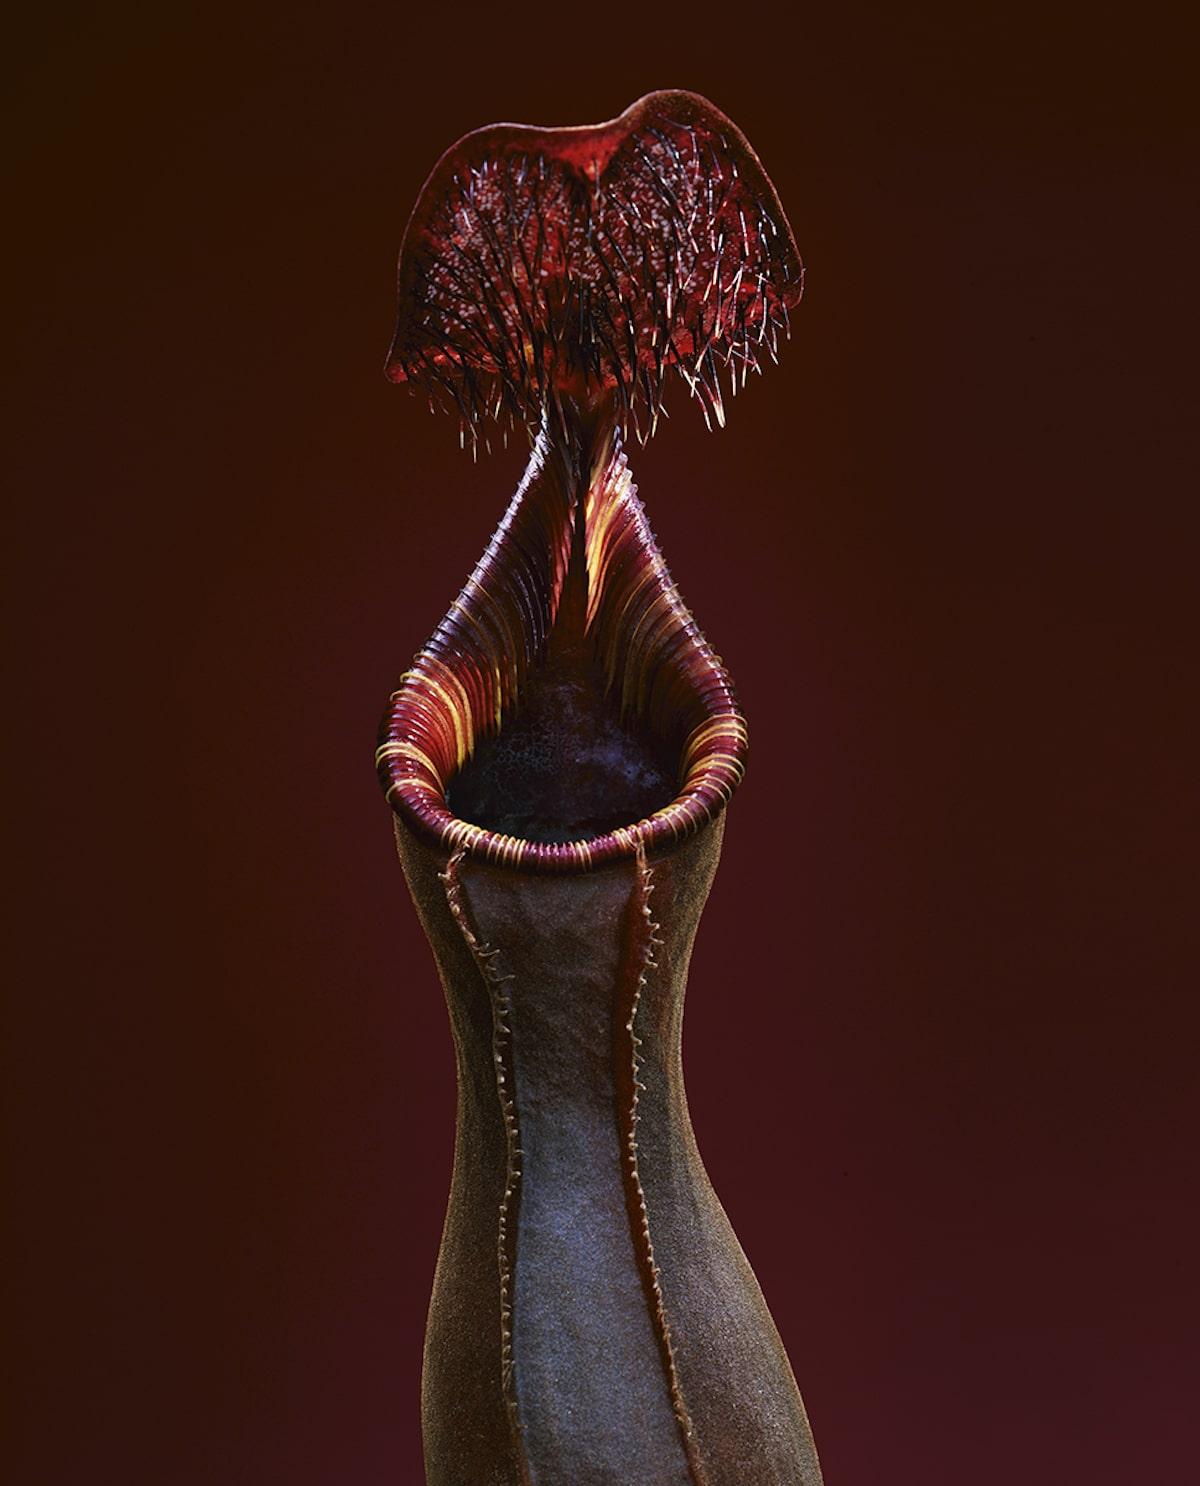 Растение из рода Непентес (Nepenthes Lowii). Является эндемиком острова Борнео